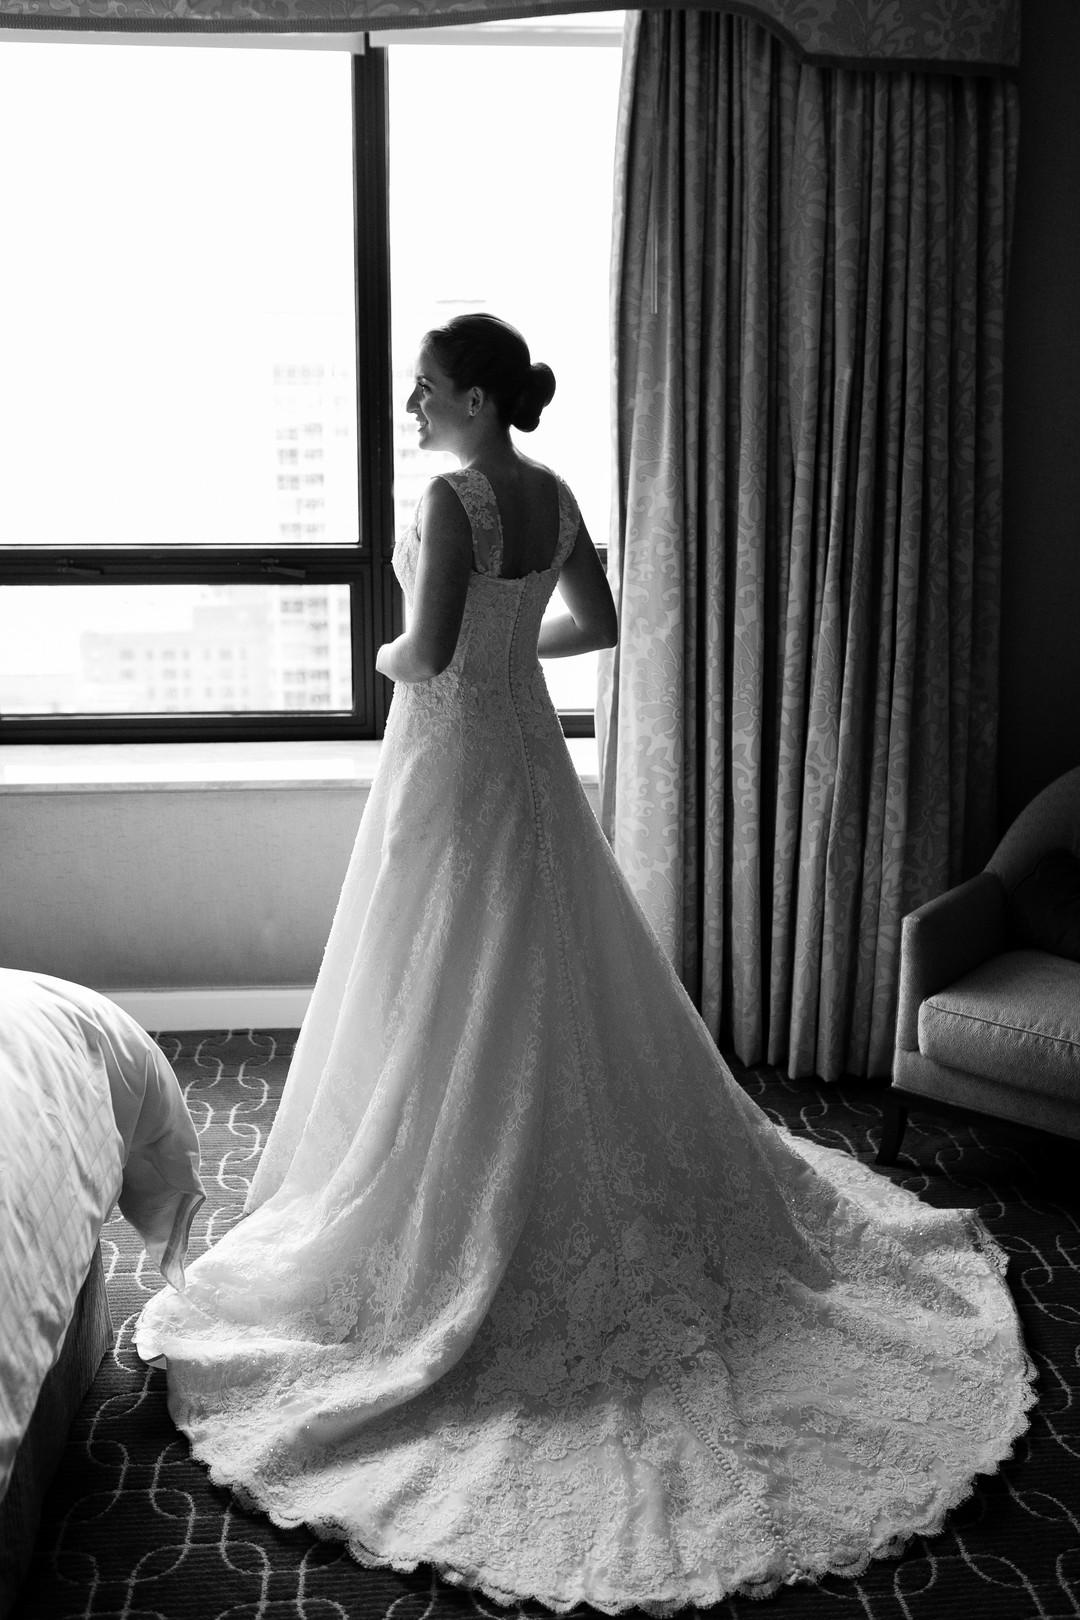 Glamorous A Line Lace Wedding Dress Chicago Wedding Emilia Jane Photography